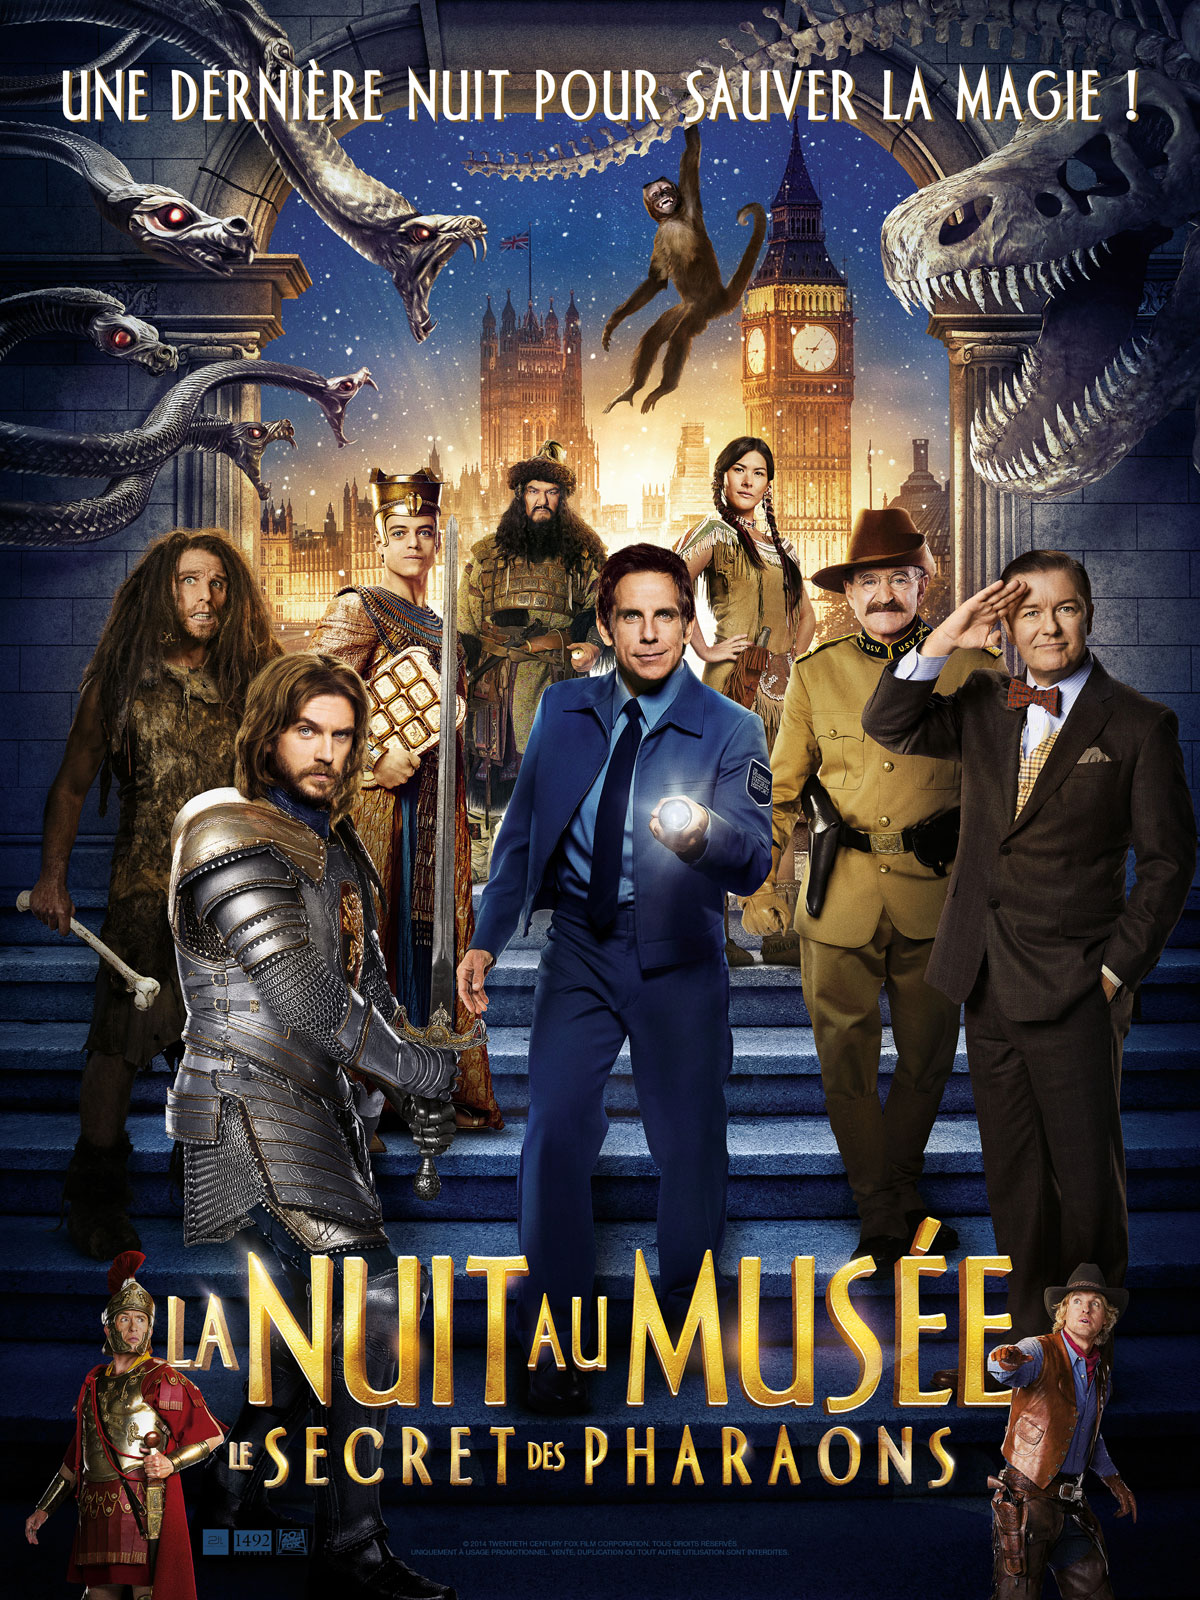 affiche du film La nuit au musée 3 : Le secret des pharaons